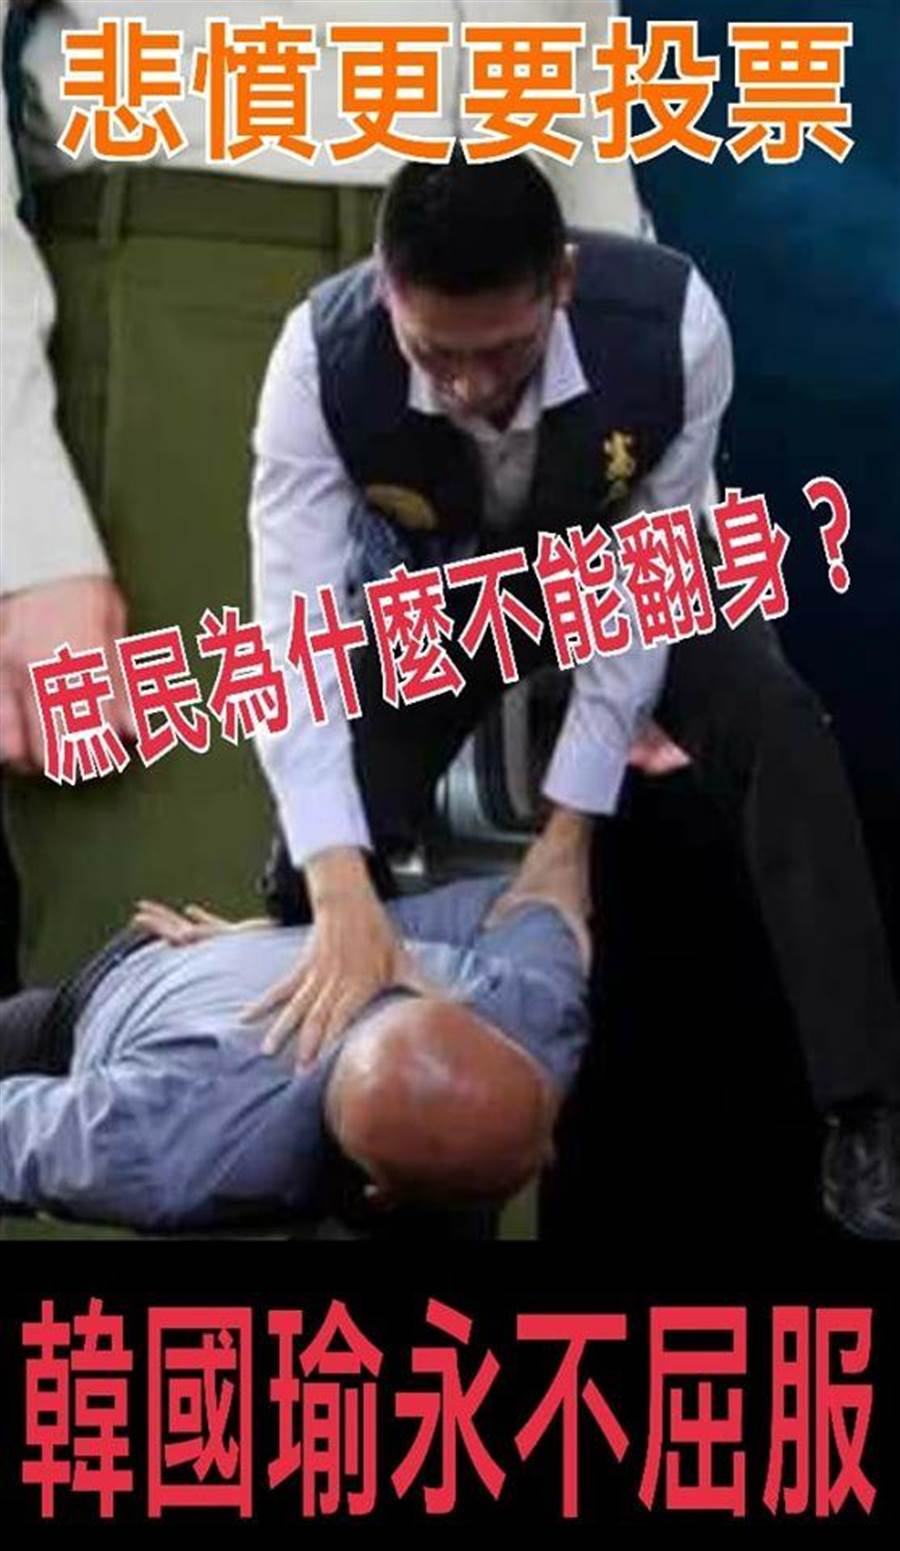 網友神改圖,讓黑韓海報一秒變挺韓海報。